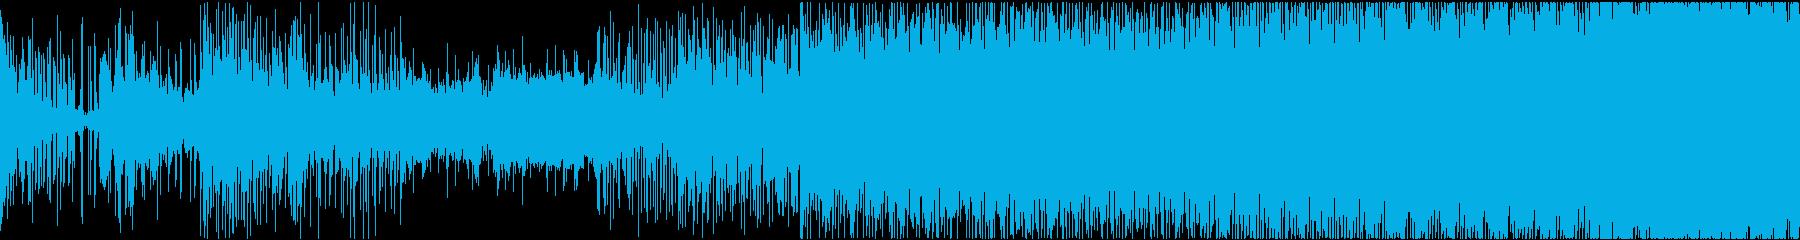 電子楽器。渦巻く催眠効果のある風変...の再生済みの波形